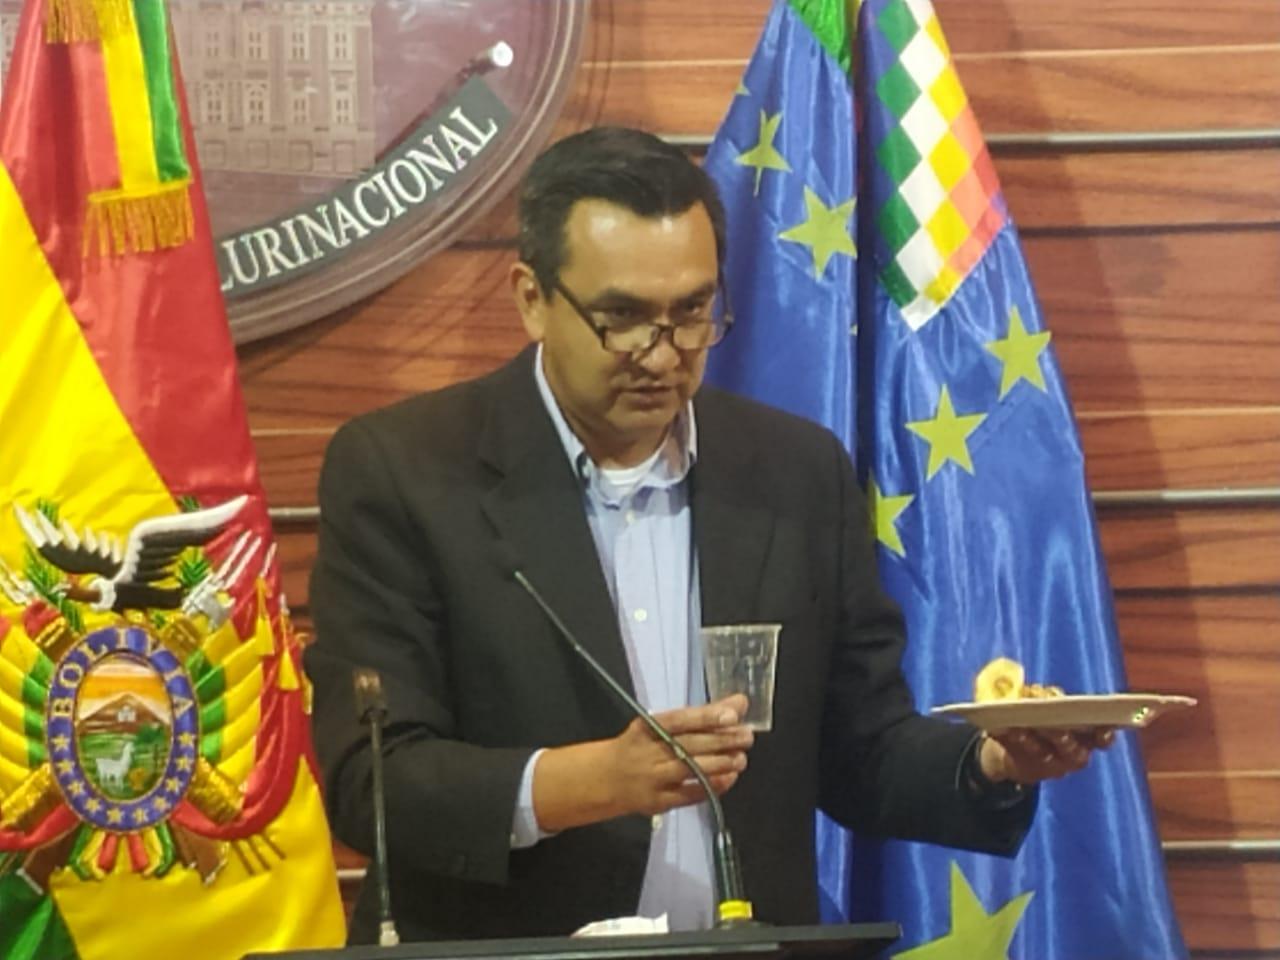 Oposición denuncia que BOA gastó más de Bs 248.000.000 en servicio de catering